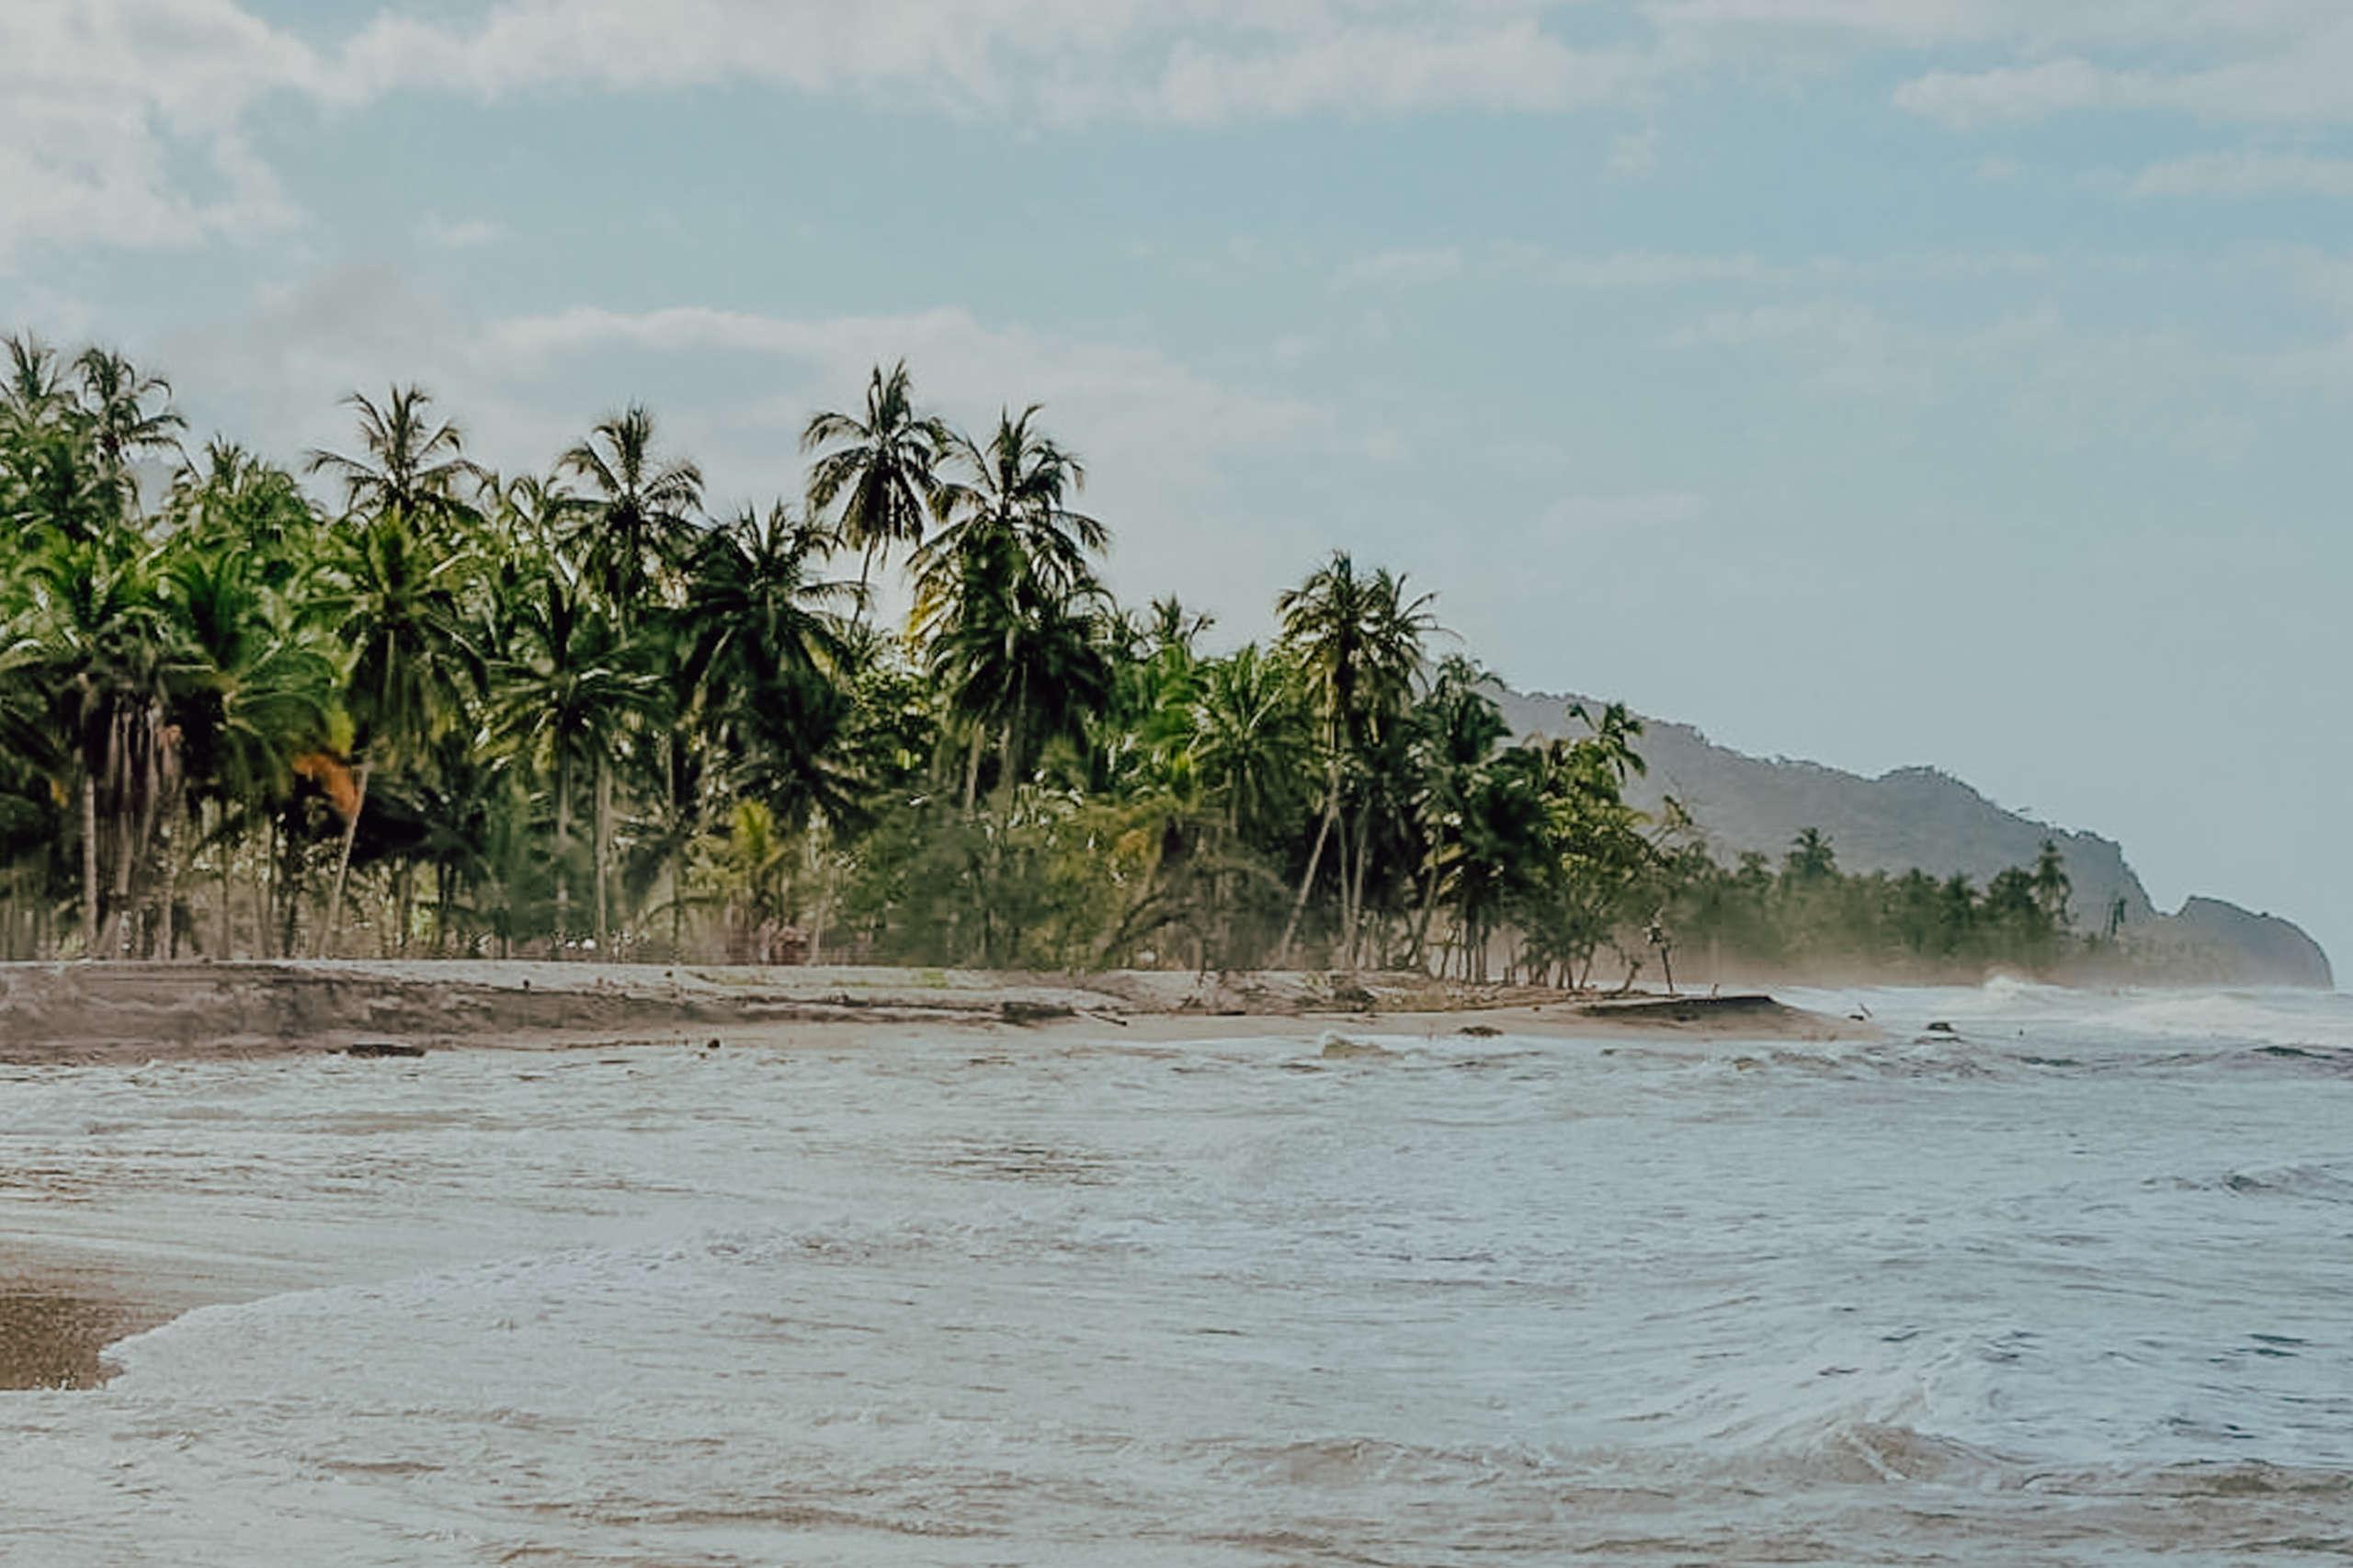 Palmen die an einem Strand stehen.